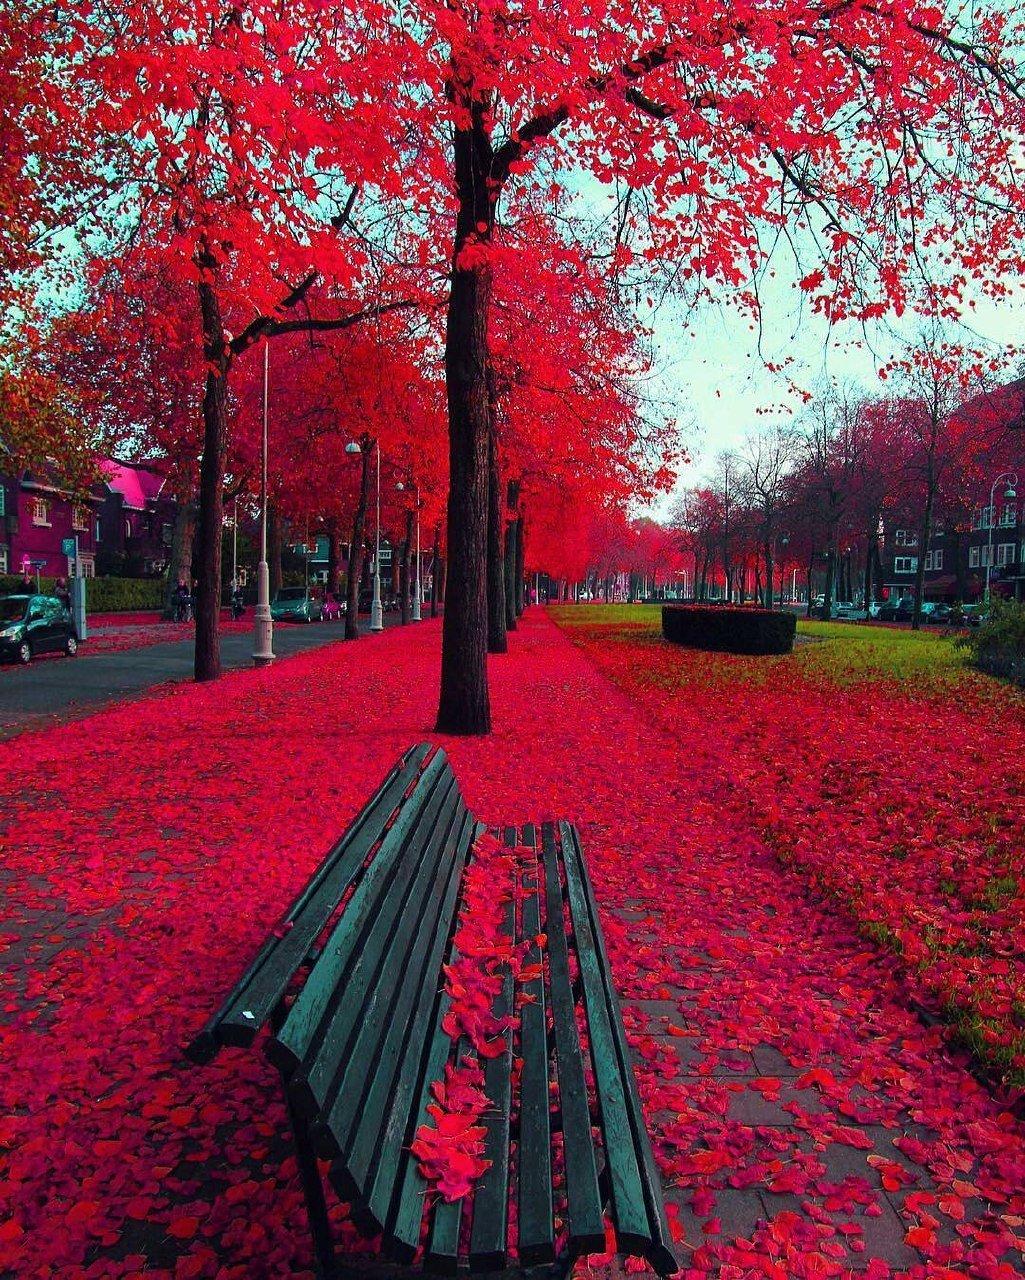 необычные картинки аллея красные деревья